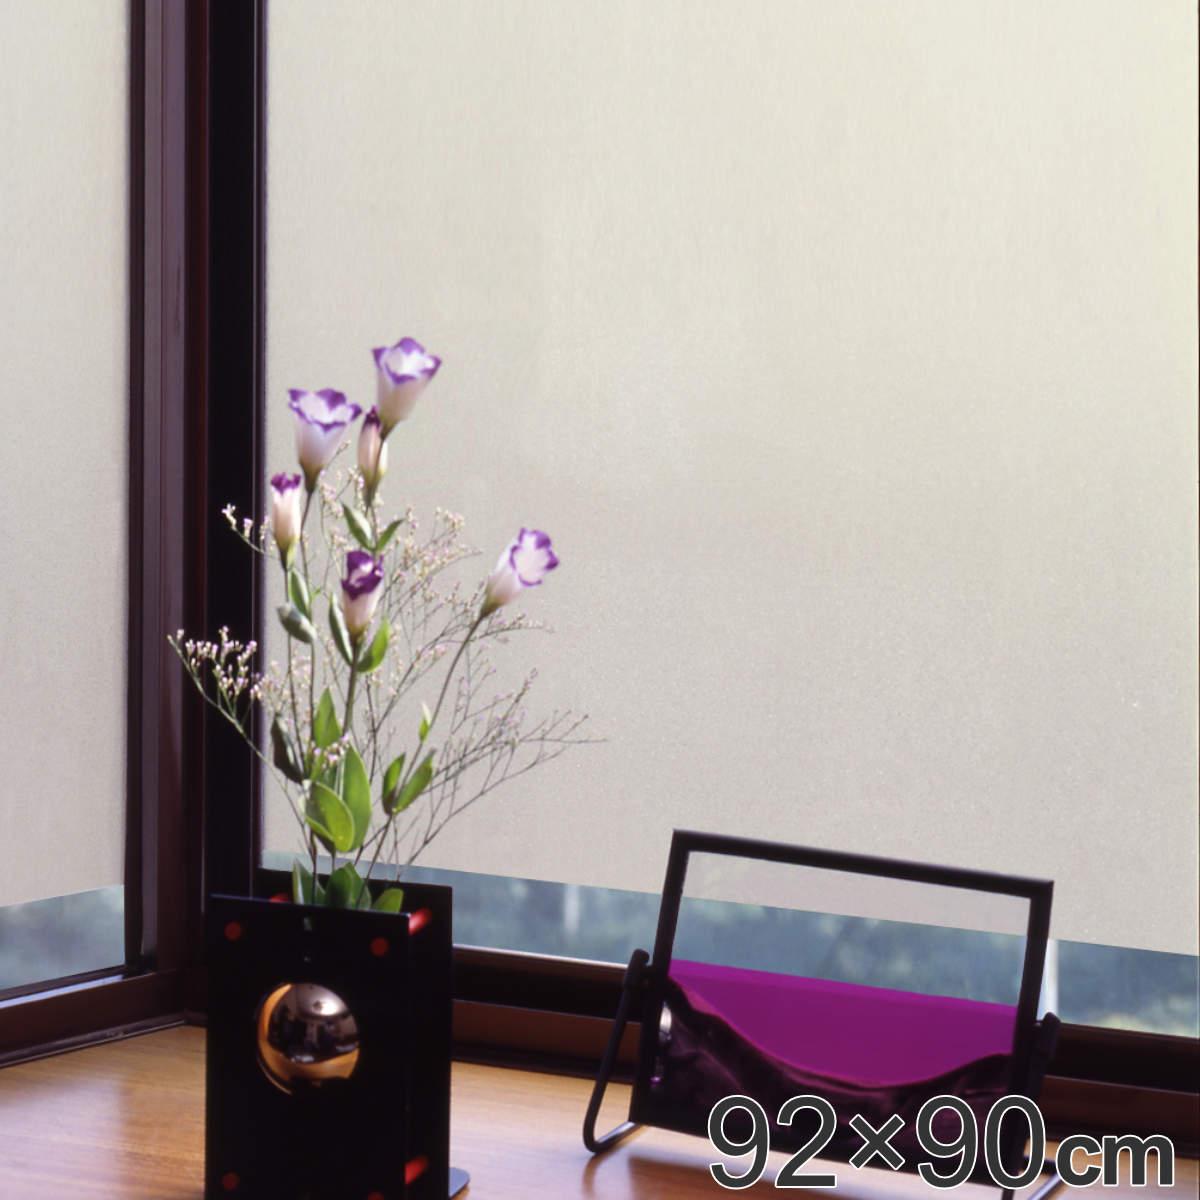 目隠し遮熱窓貼りシート GP-9282 92cm×90cm ( 遮熱シート 遮熱フィルム 遮光 窓 マド エコ 節電 )